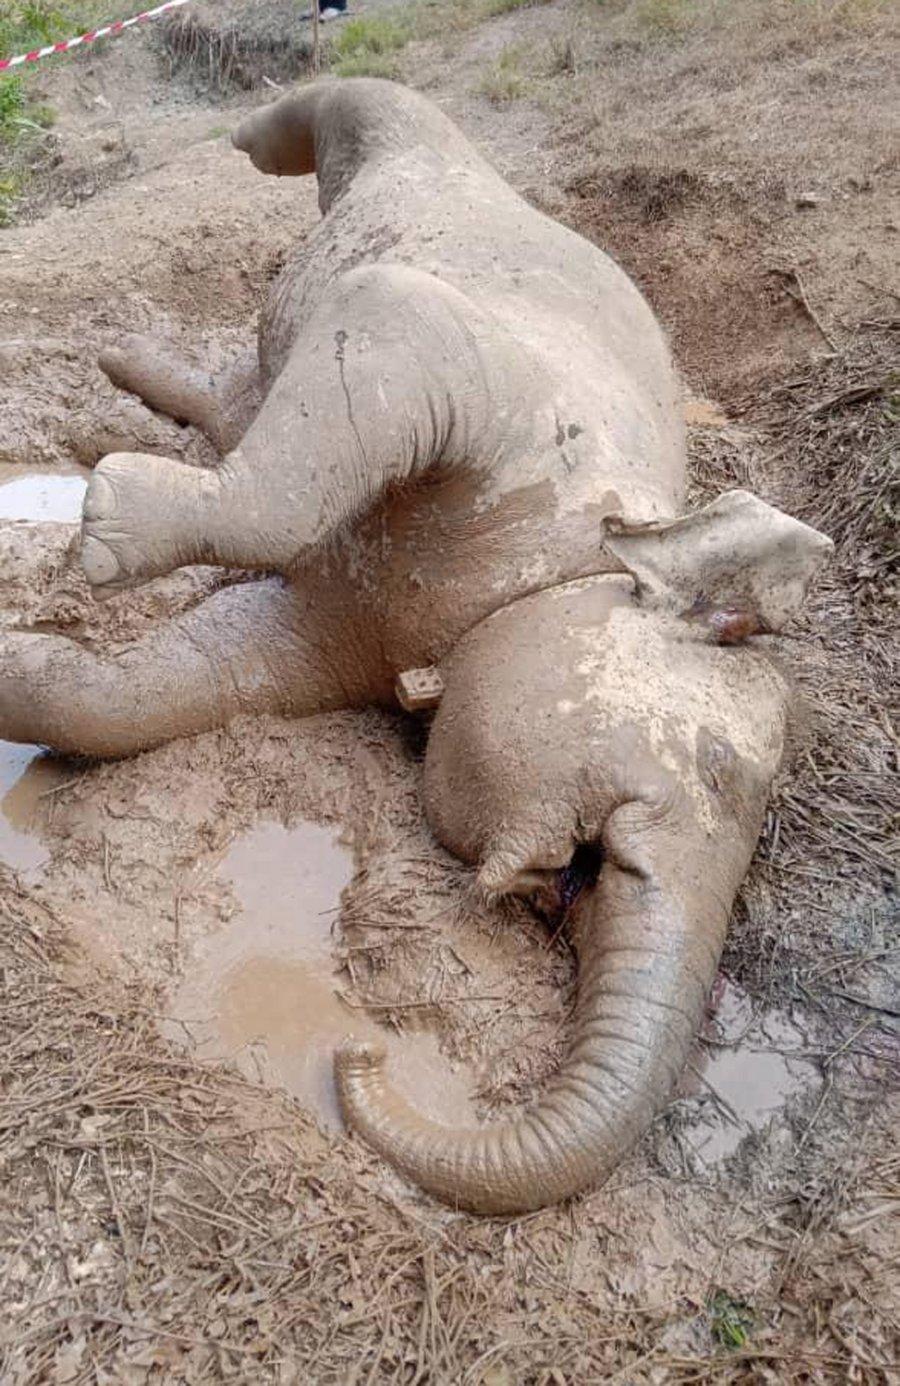 毙命小矮象死于急性中毒